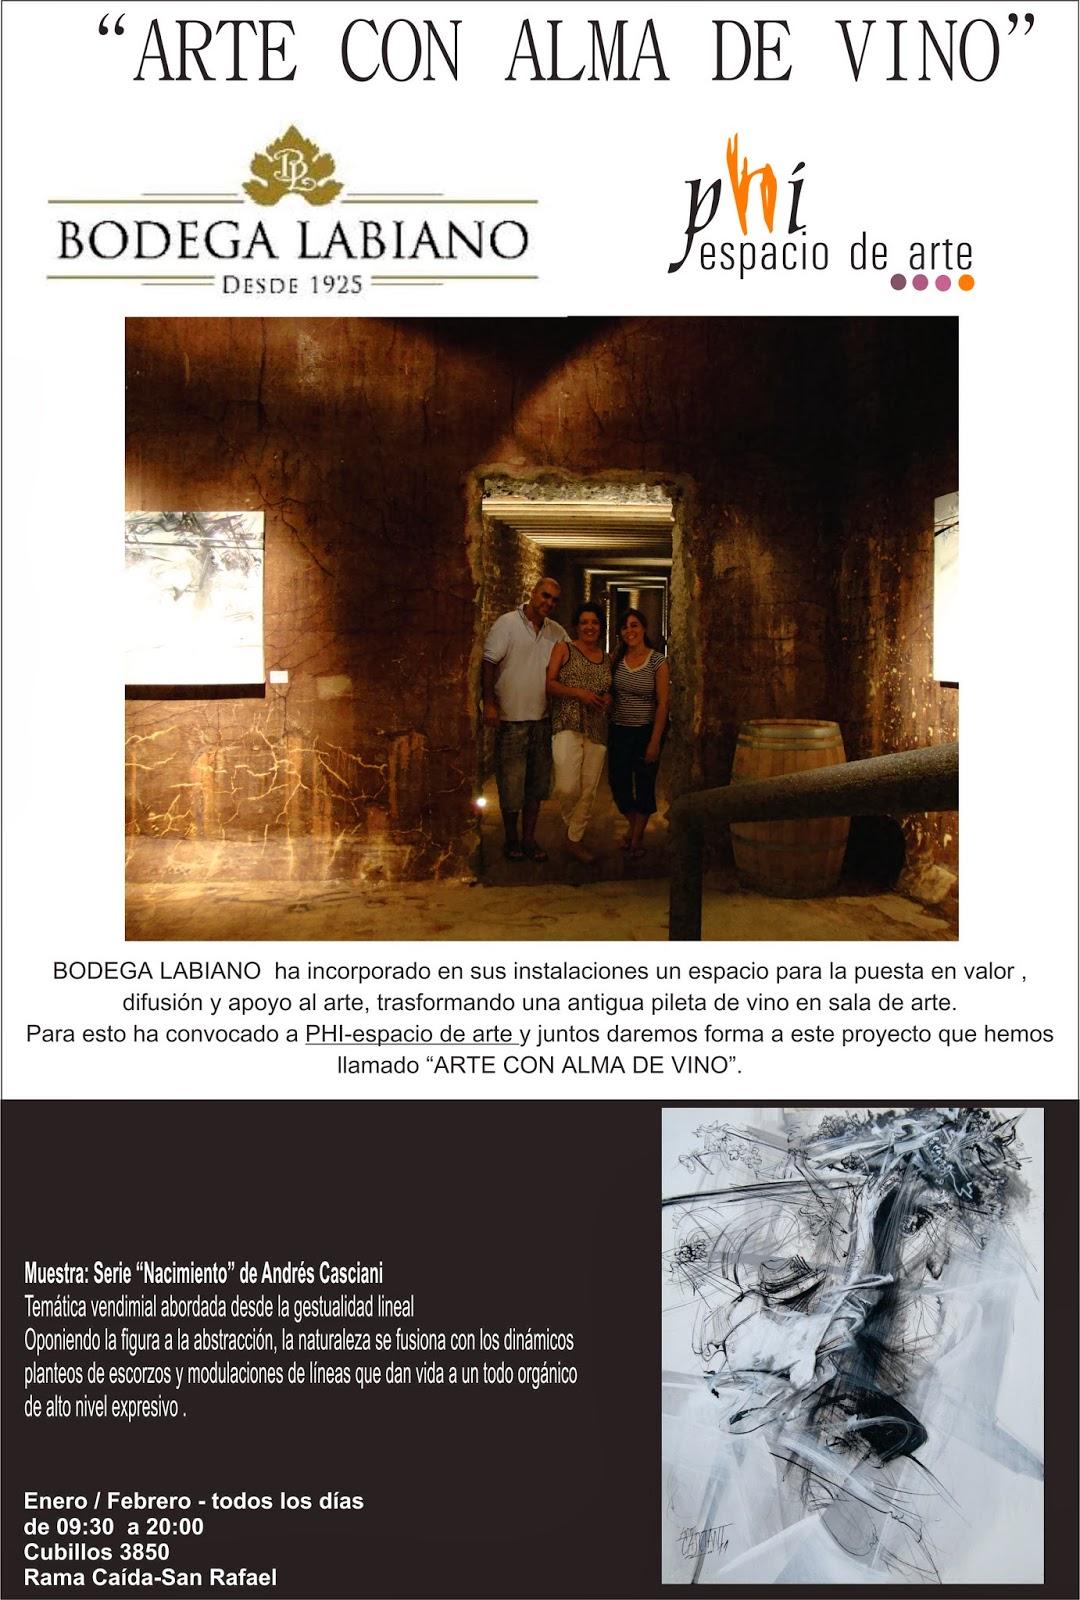 PHI- espacio de Arte en Bodega Labiano es \